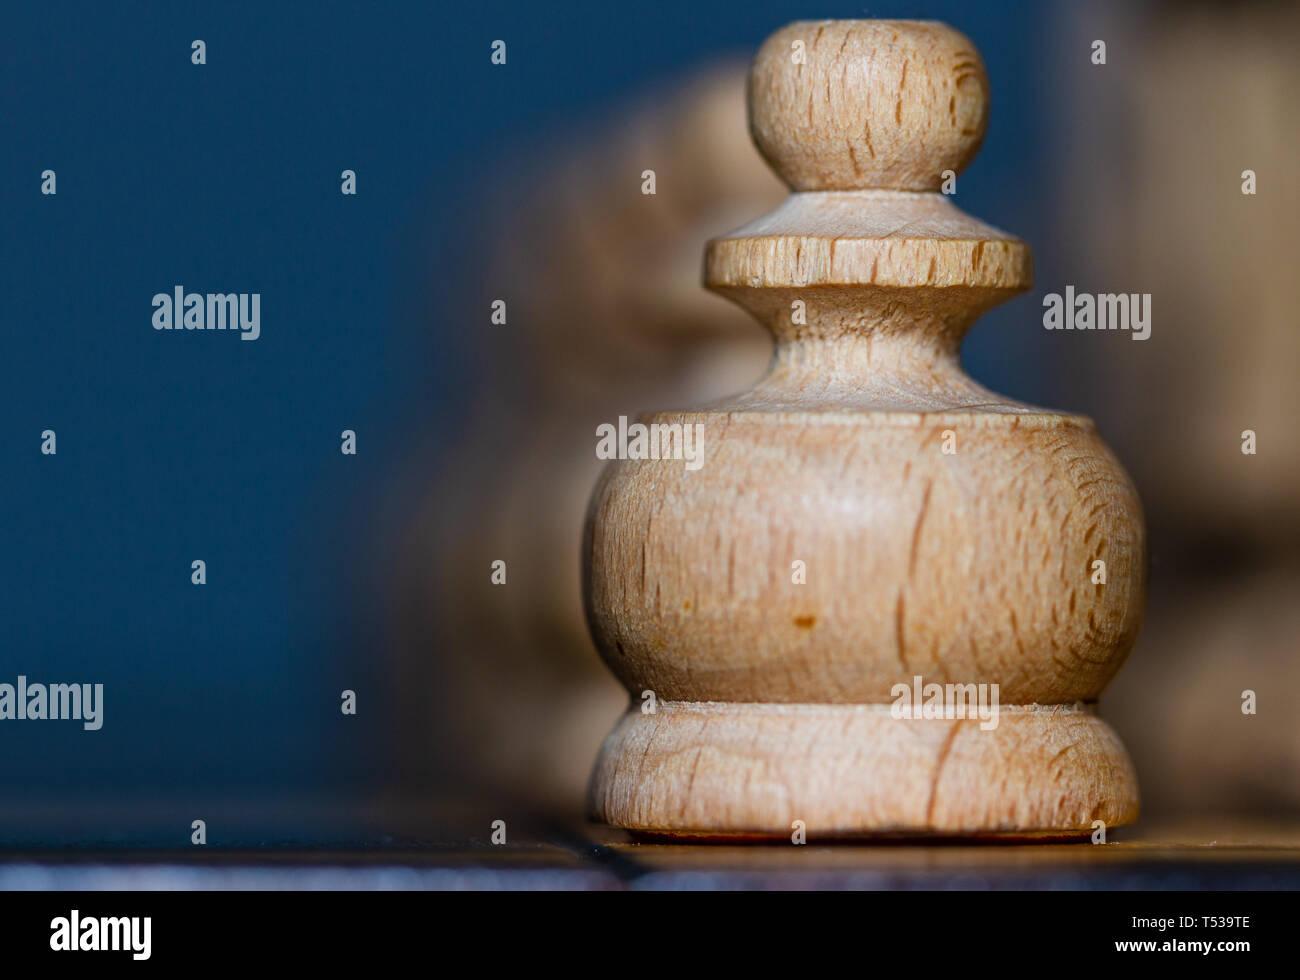 Schach, Royal strategie Spiel. Hölzerne Figuren und Bauern. Stockbild